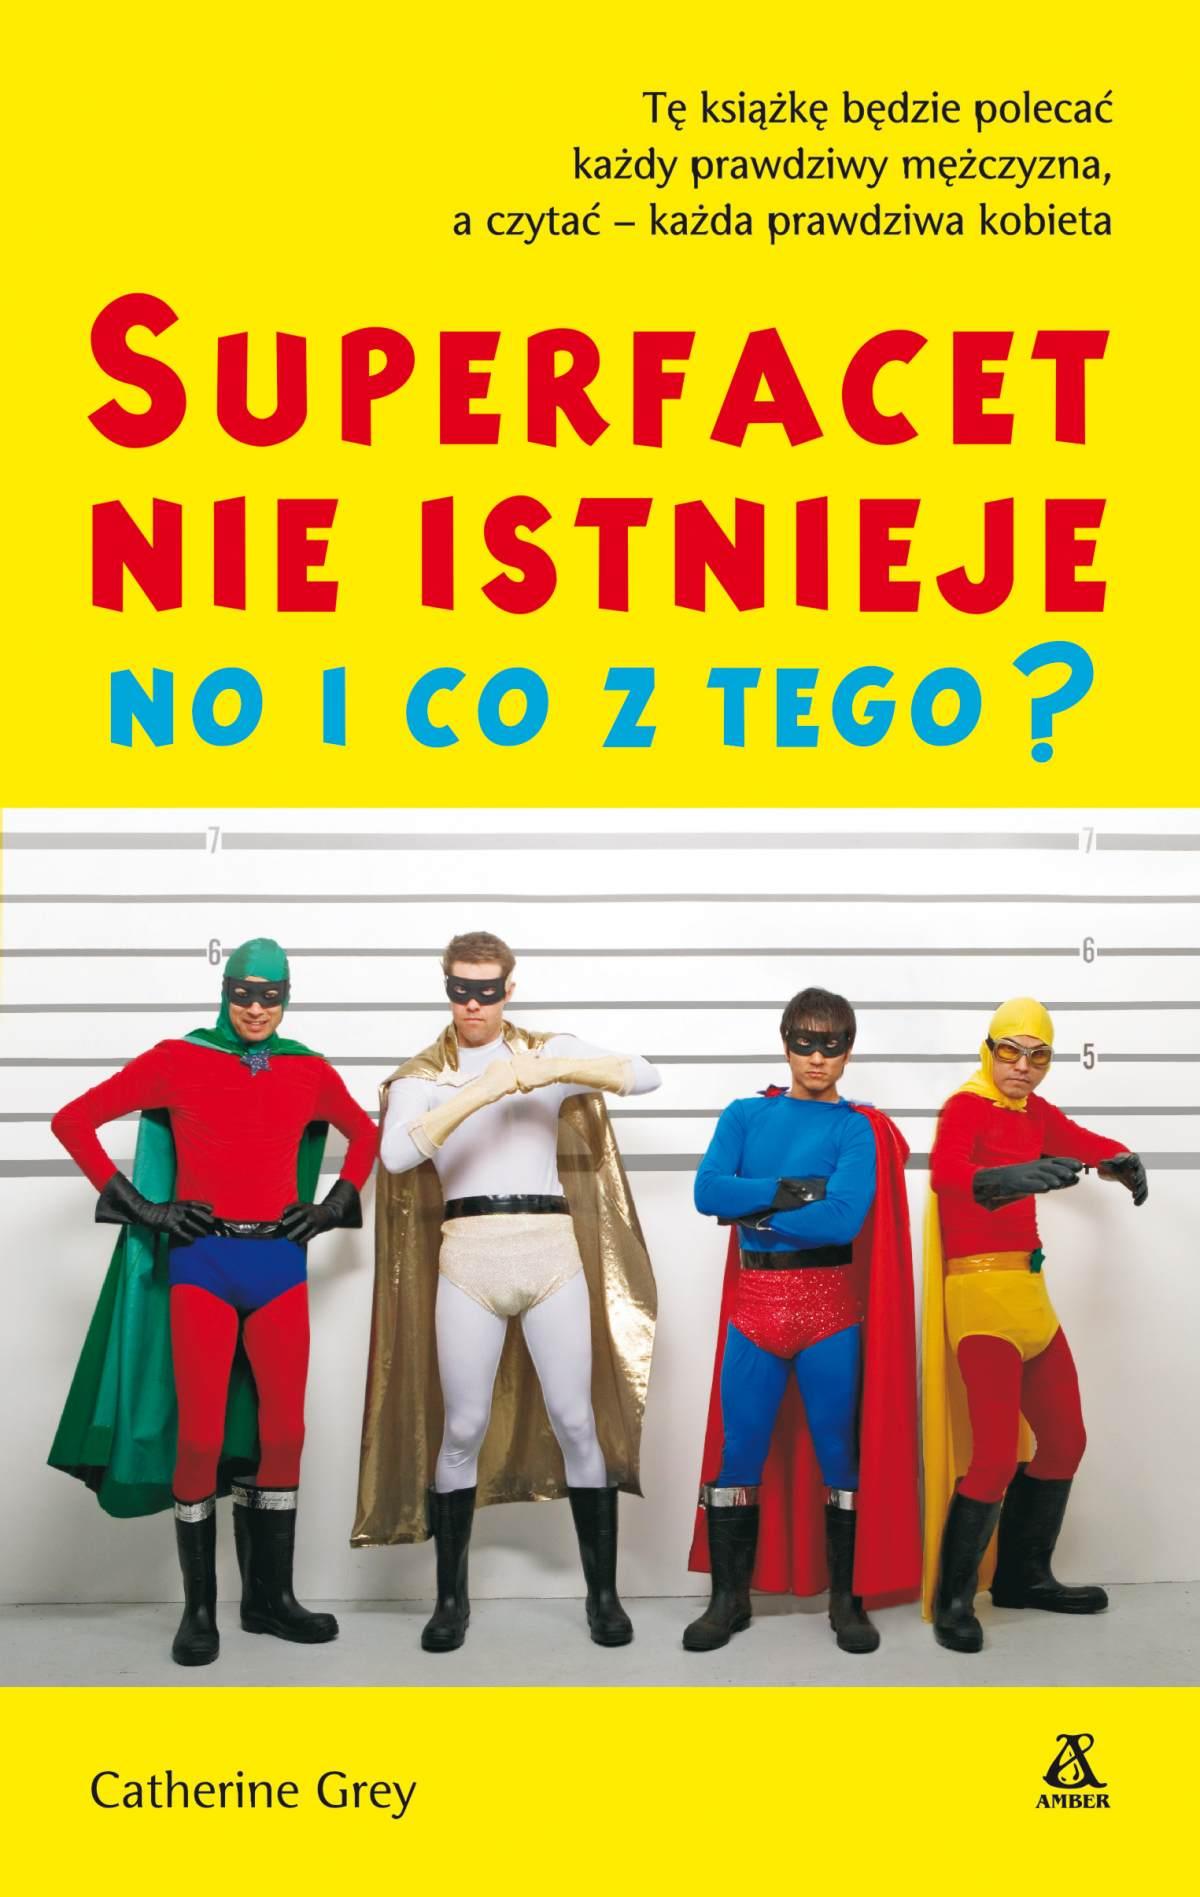 Super facet nie istnieje no i co z tego? - Ebook (Książka na Kindle) do pobrania w formacie MOBI